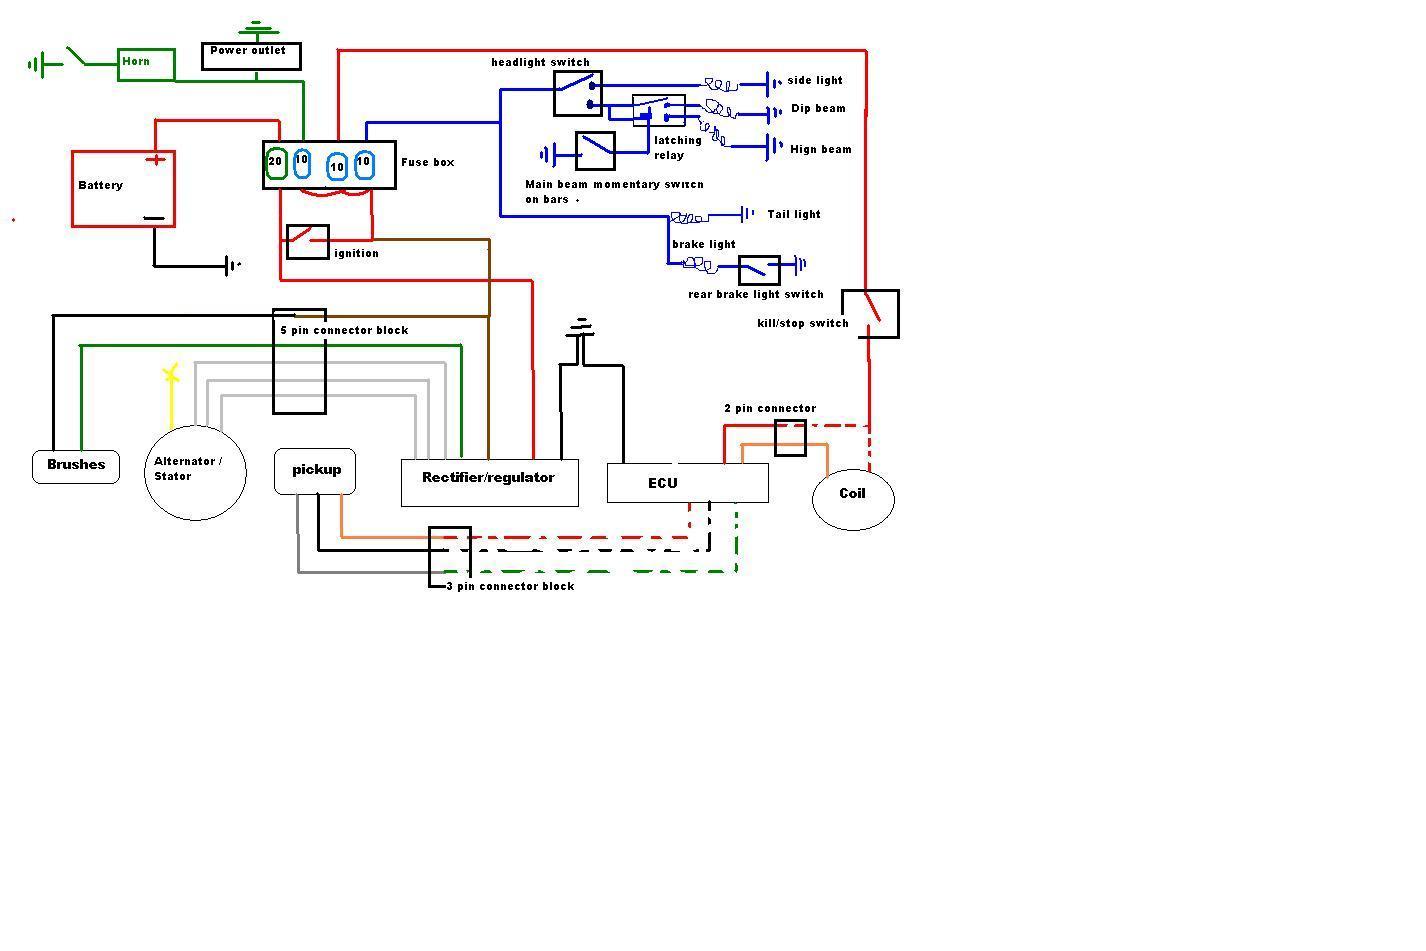 1975 yamaha dt250 wiring diagram